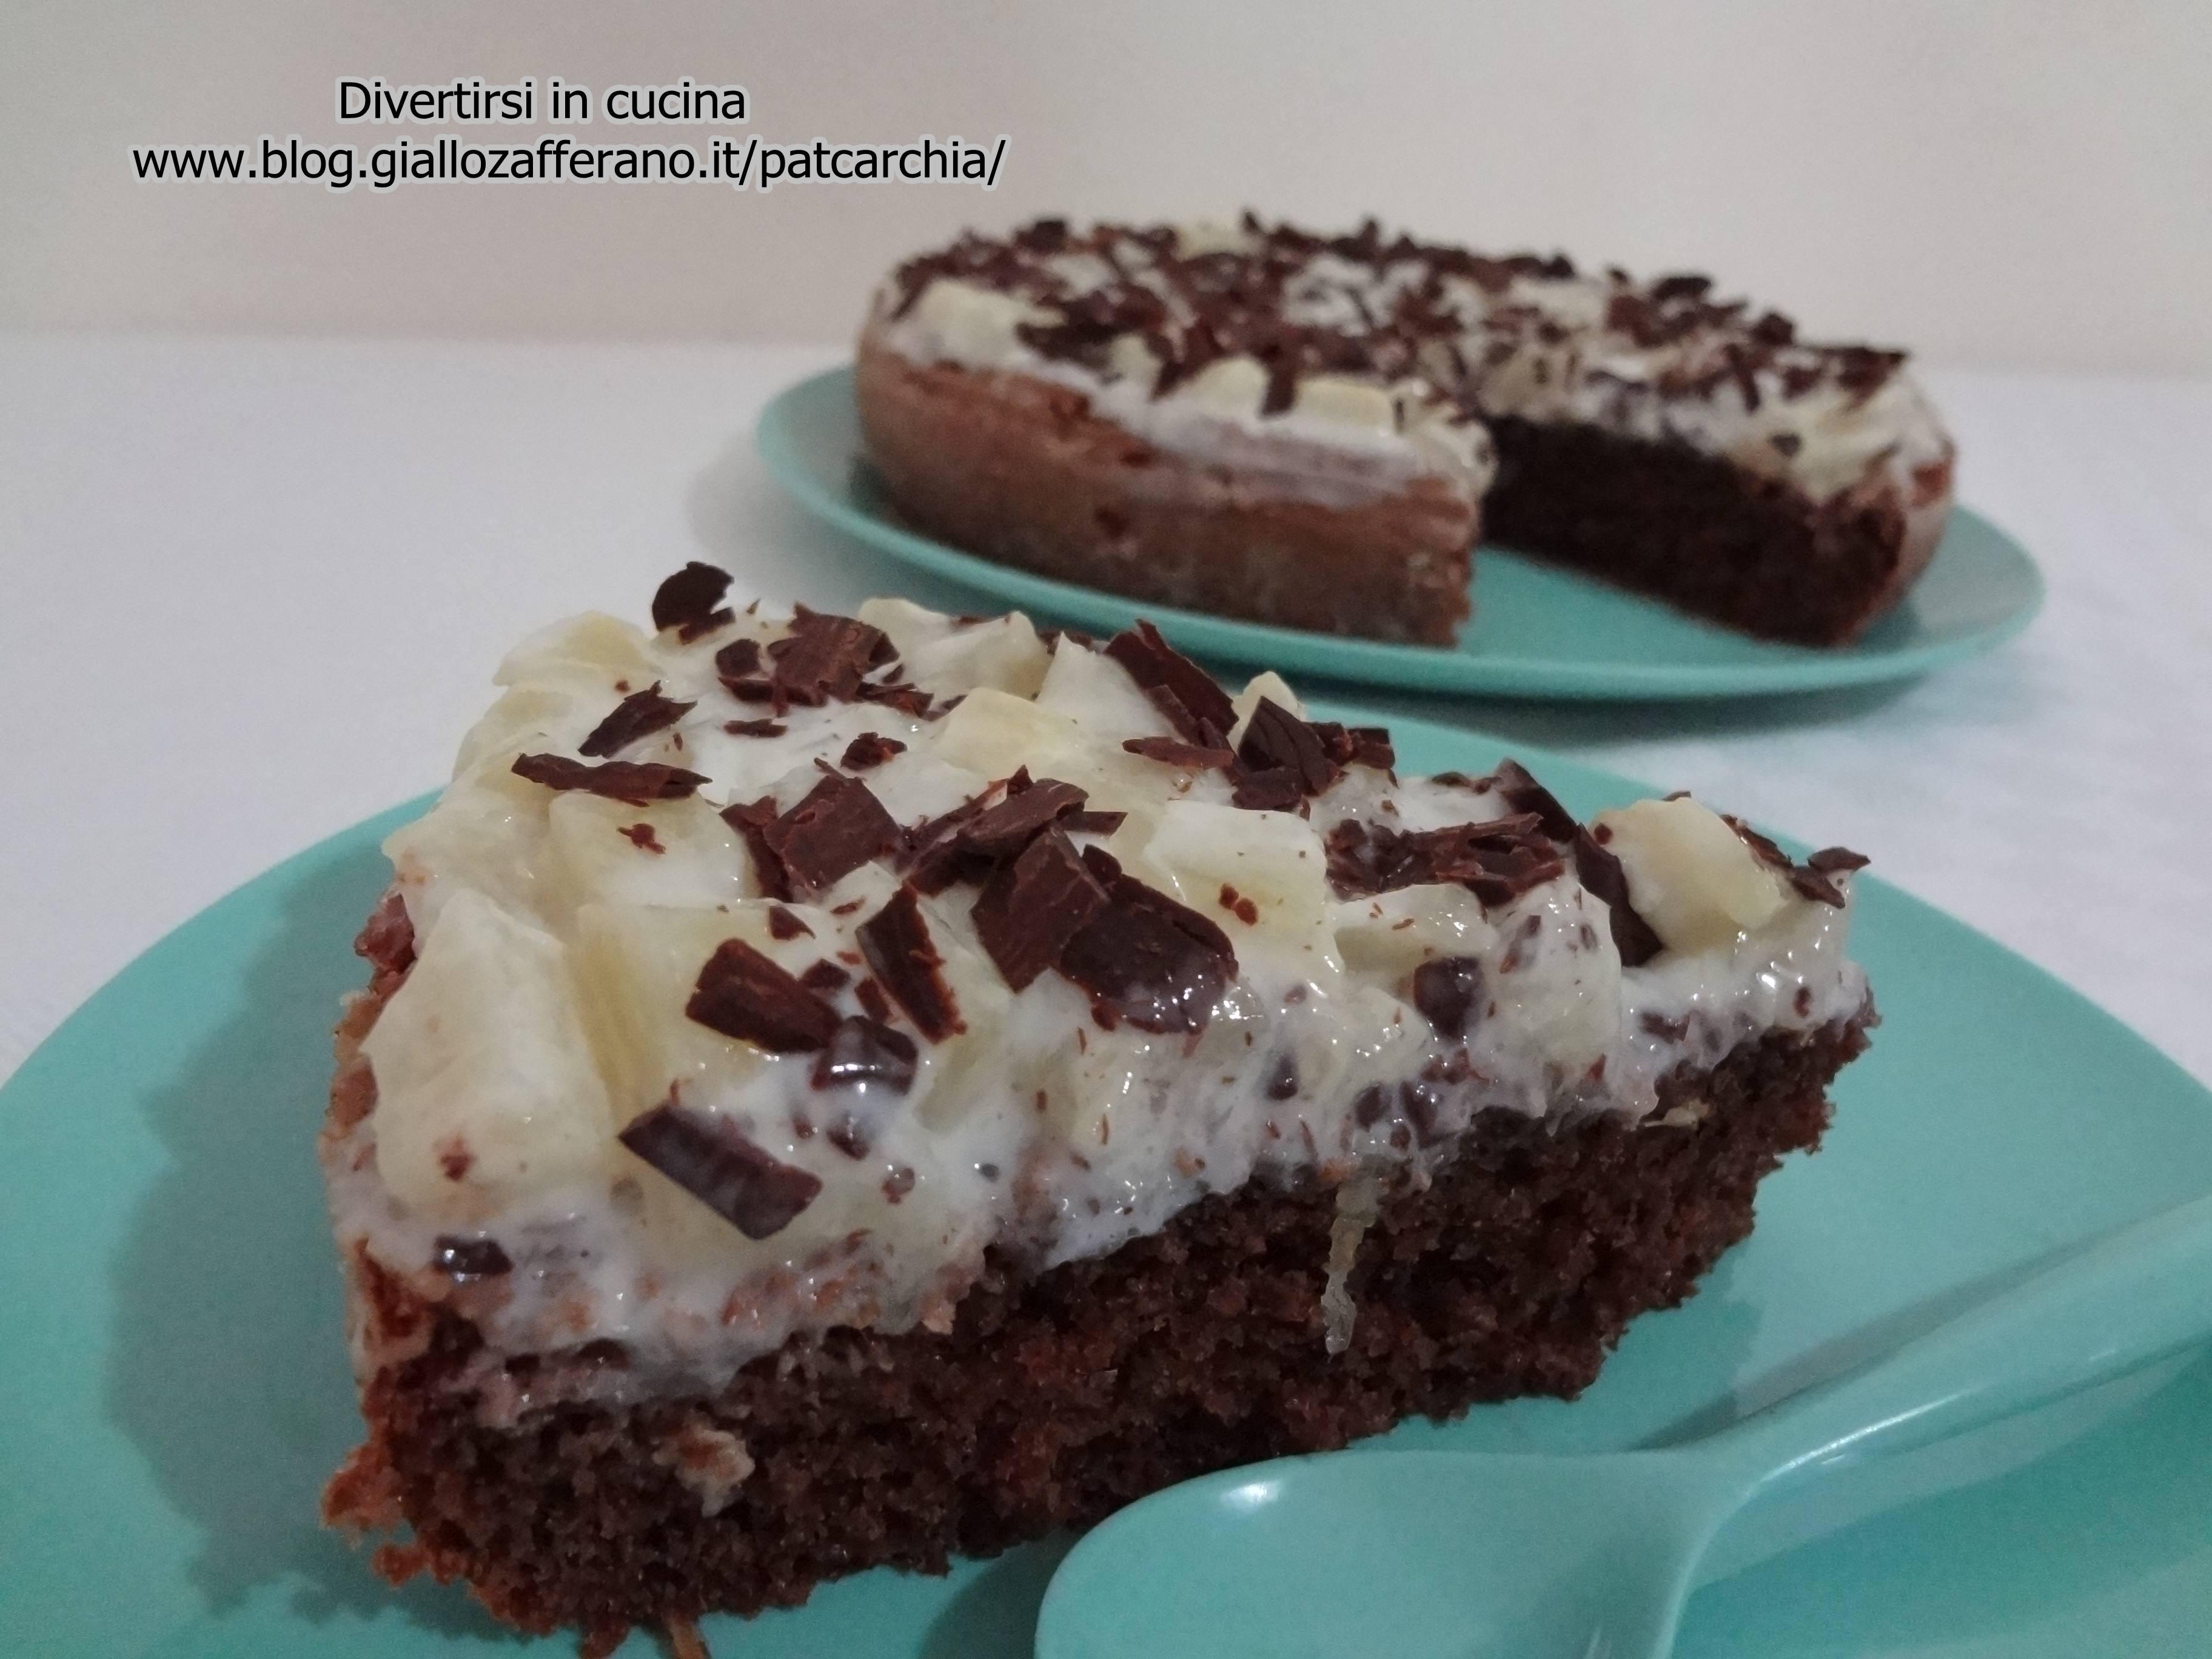 torta ananas e cioccolato divertirsi in cucina ricetta dolce patcarchia